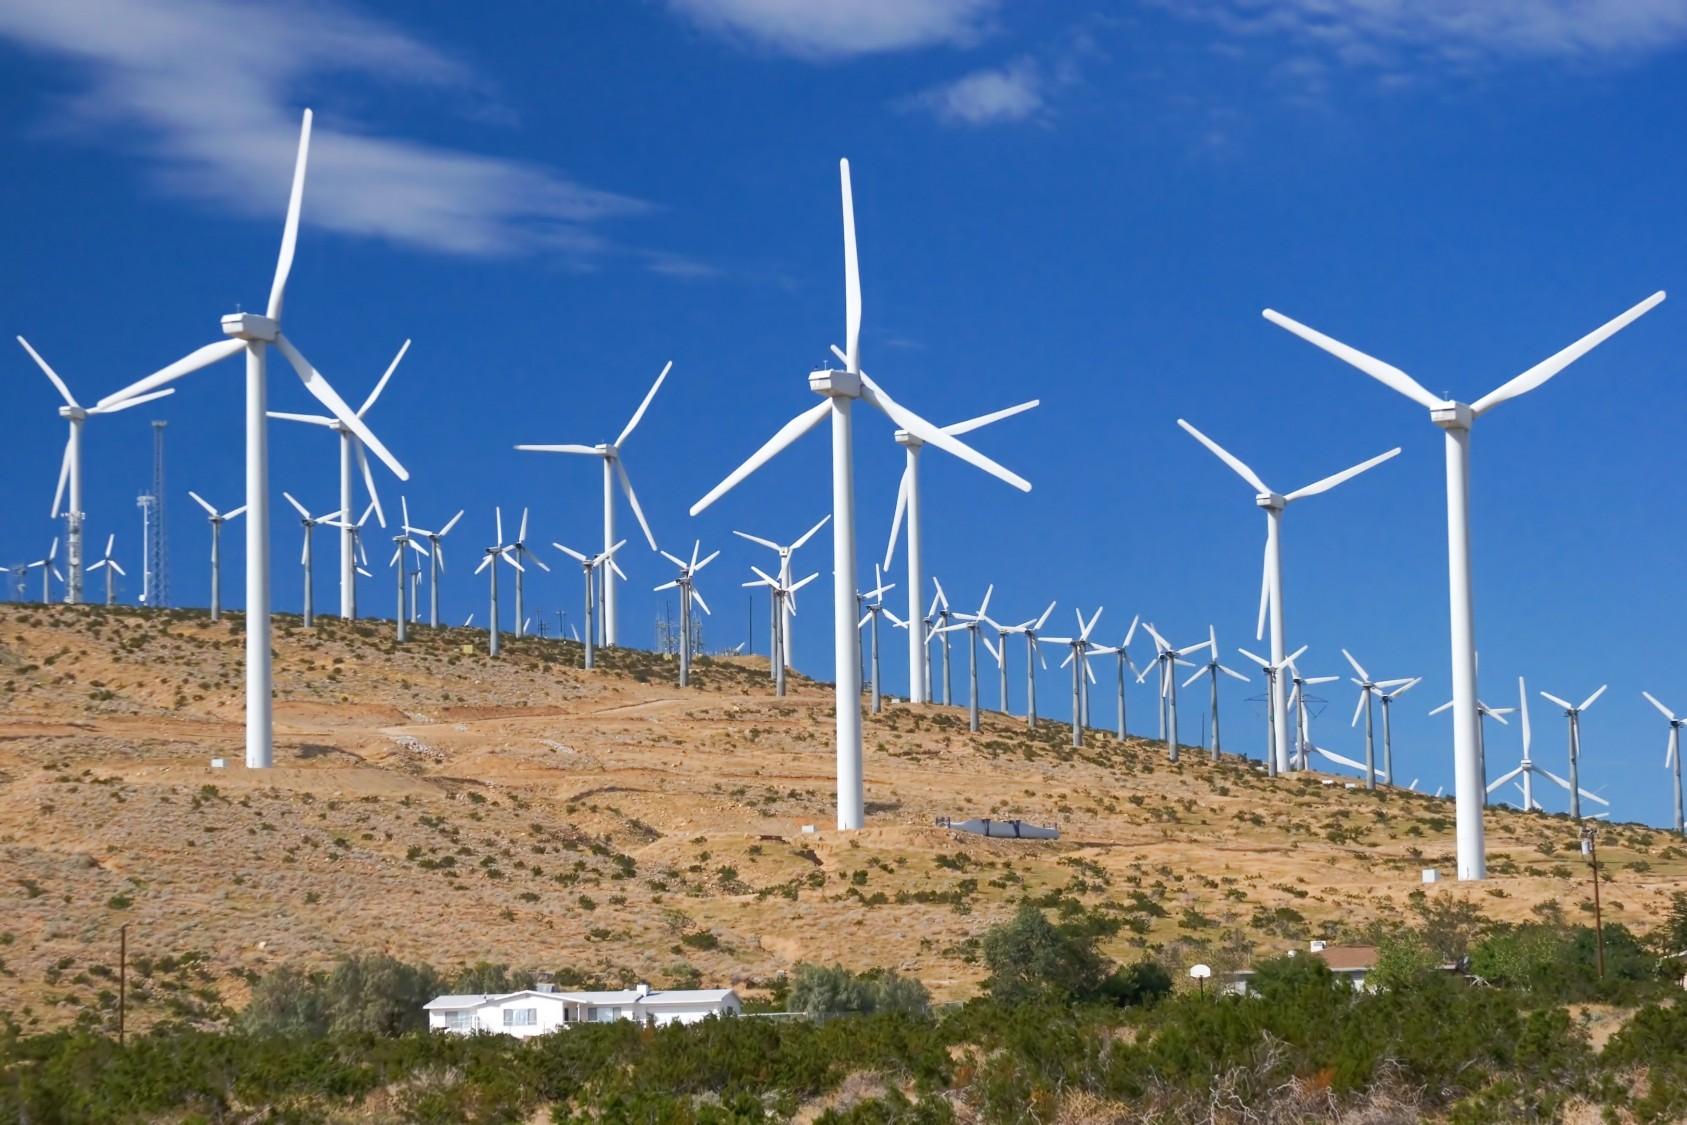 Mỹ: Năng lượng tái tạo lần đầu vượt mặt nhiệt điện than - Ảnh 1.